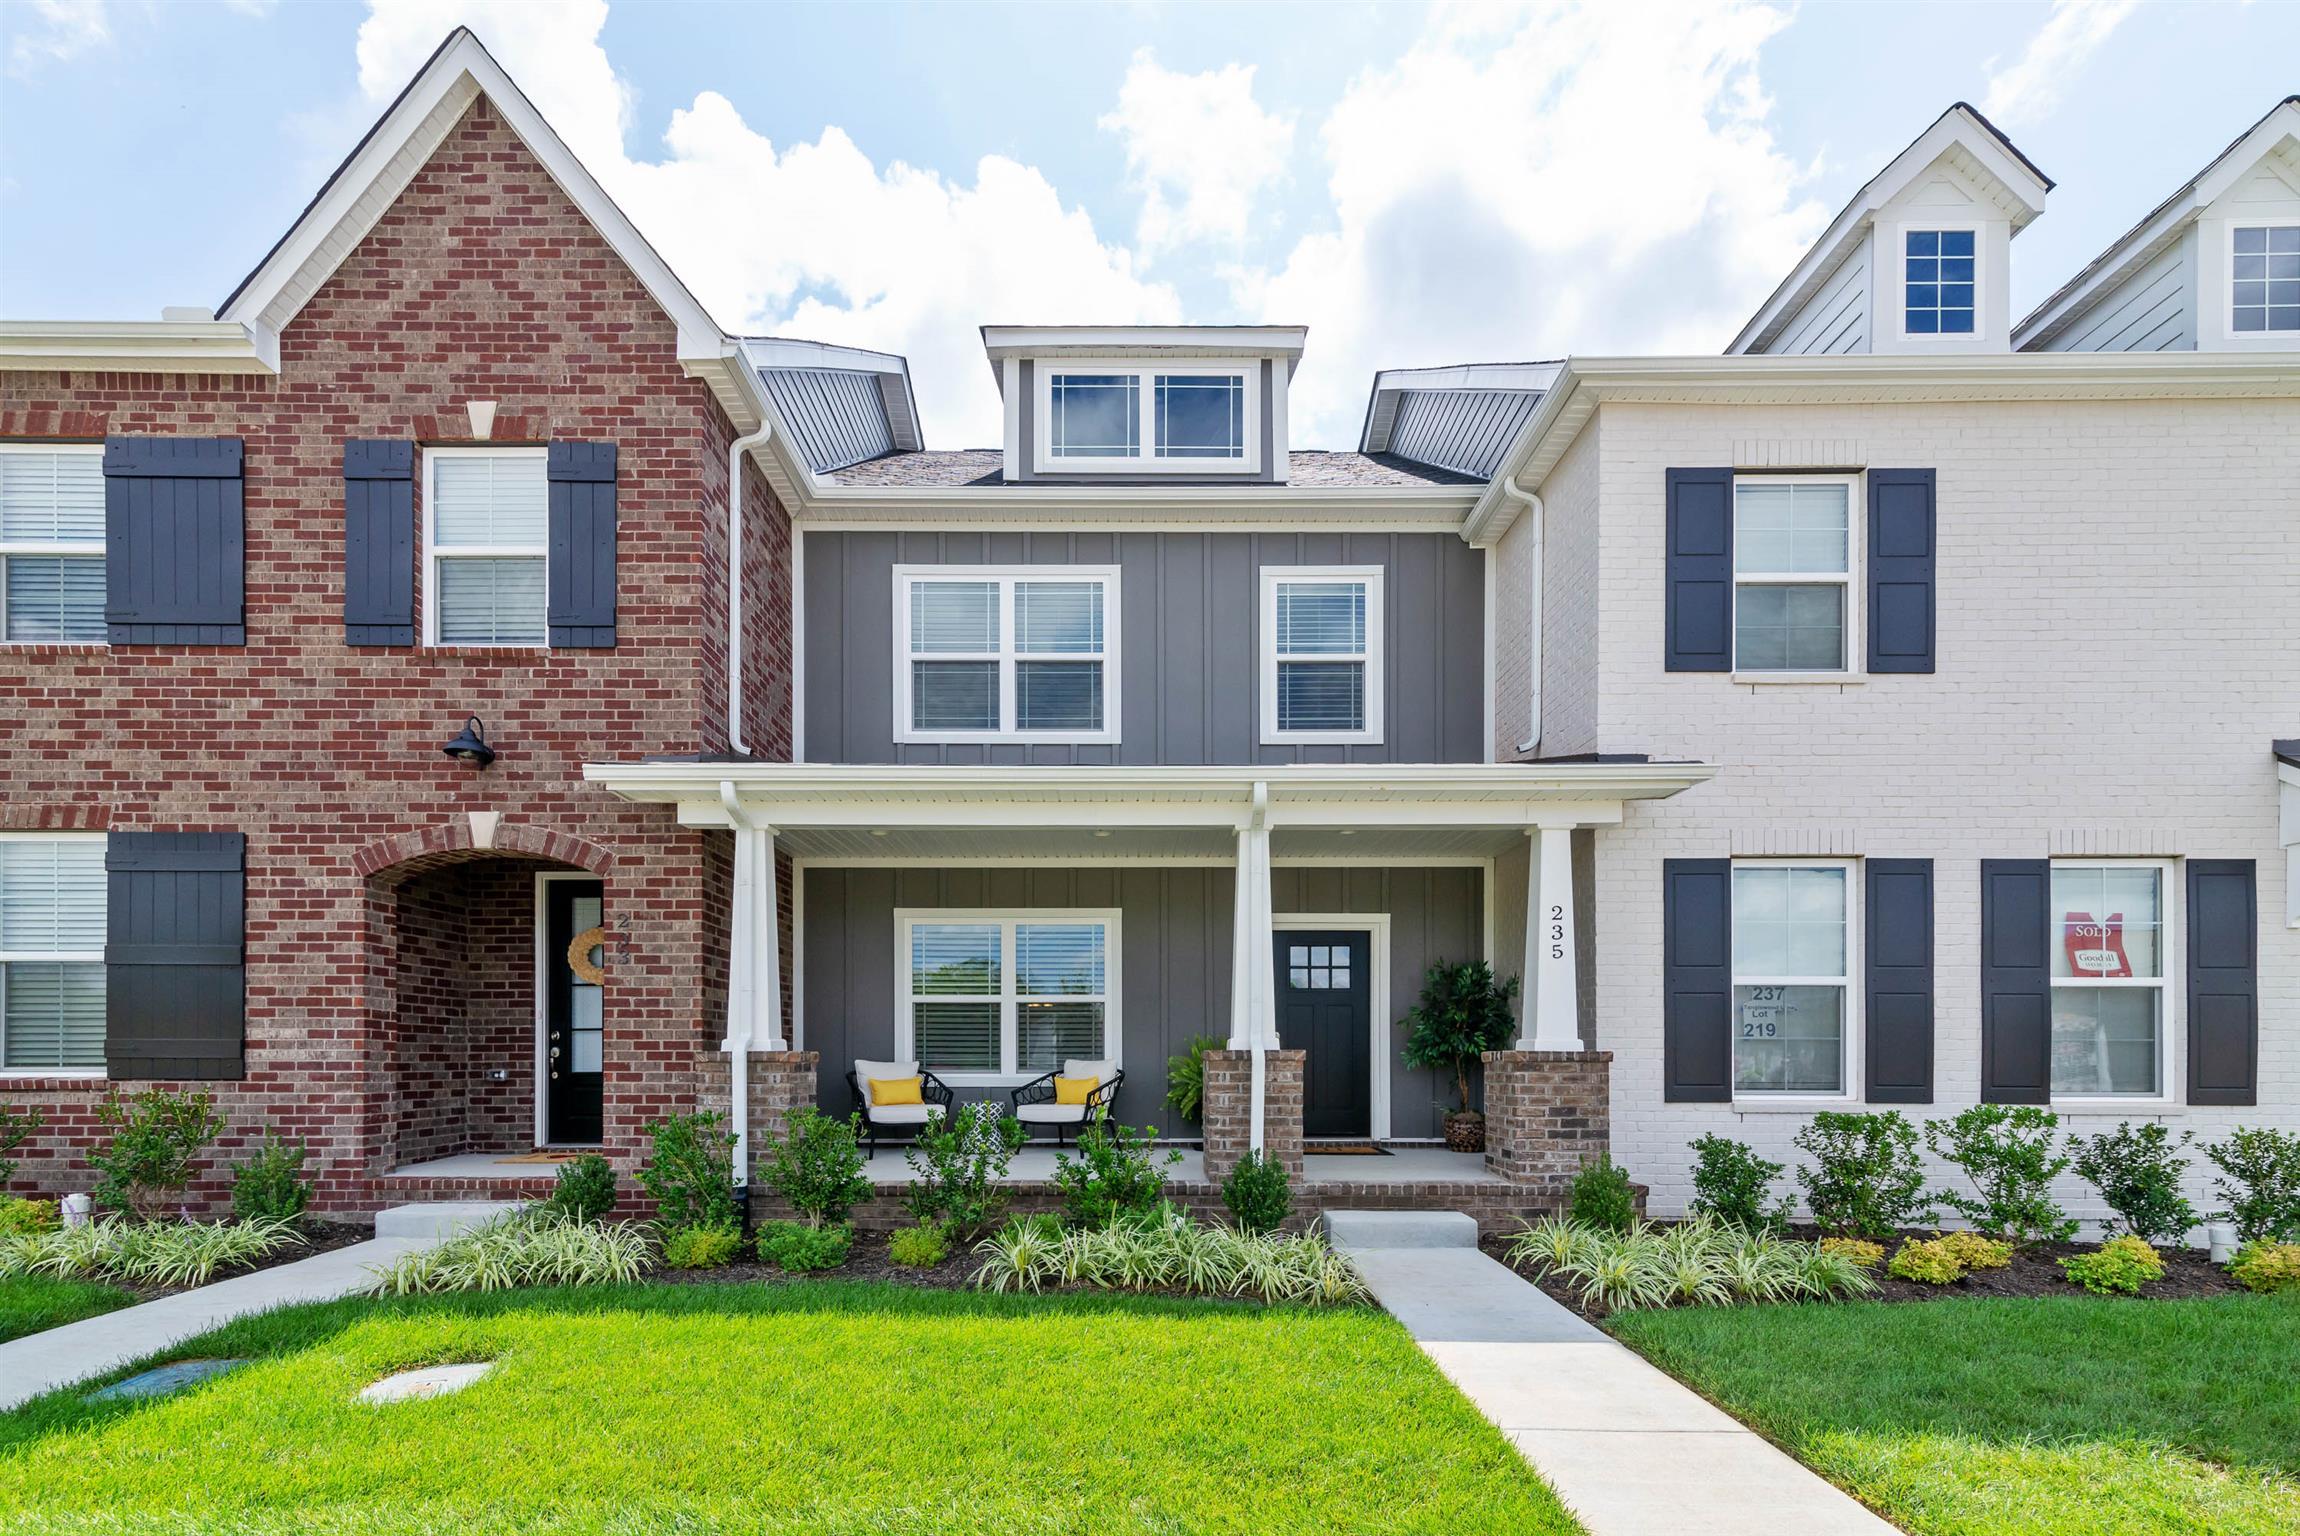 235 Tanglewood Ln, Hendersonville, TN 37075 - Hendersonville, TN real estate listing